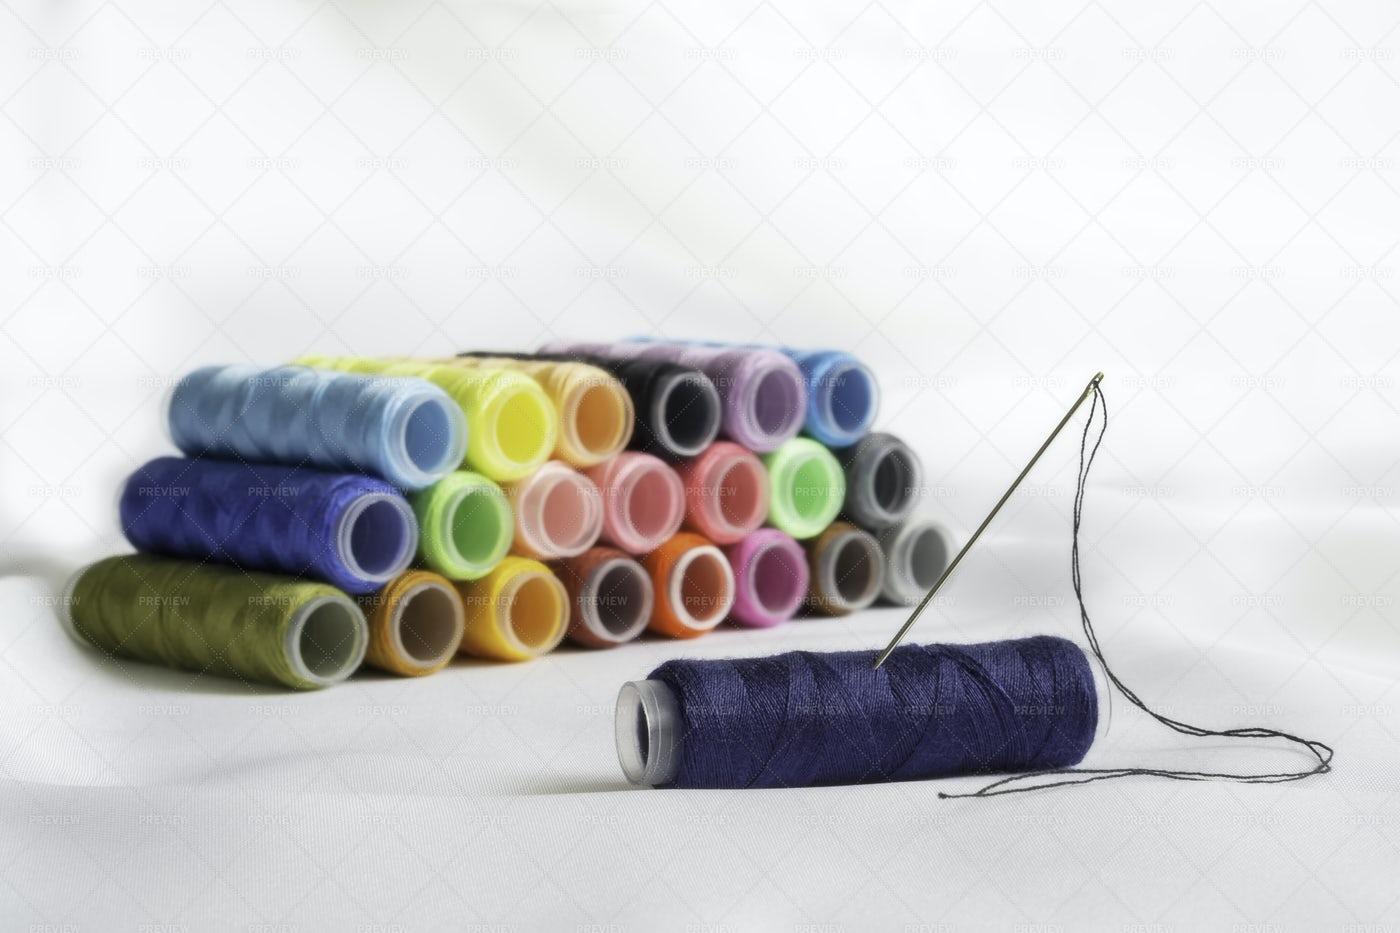 Sewing: Stock Photos